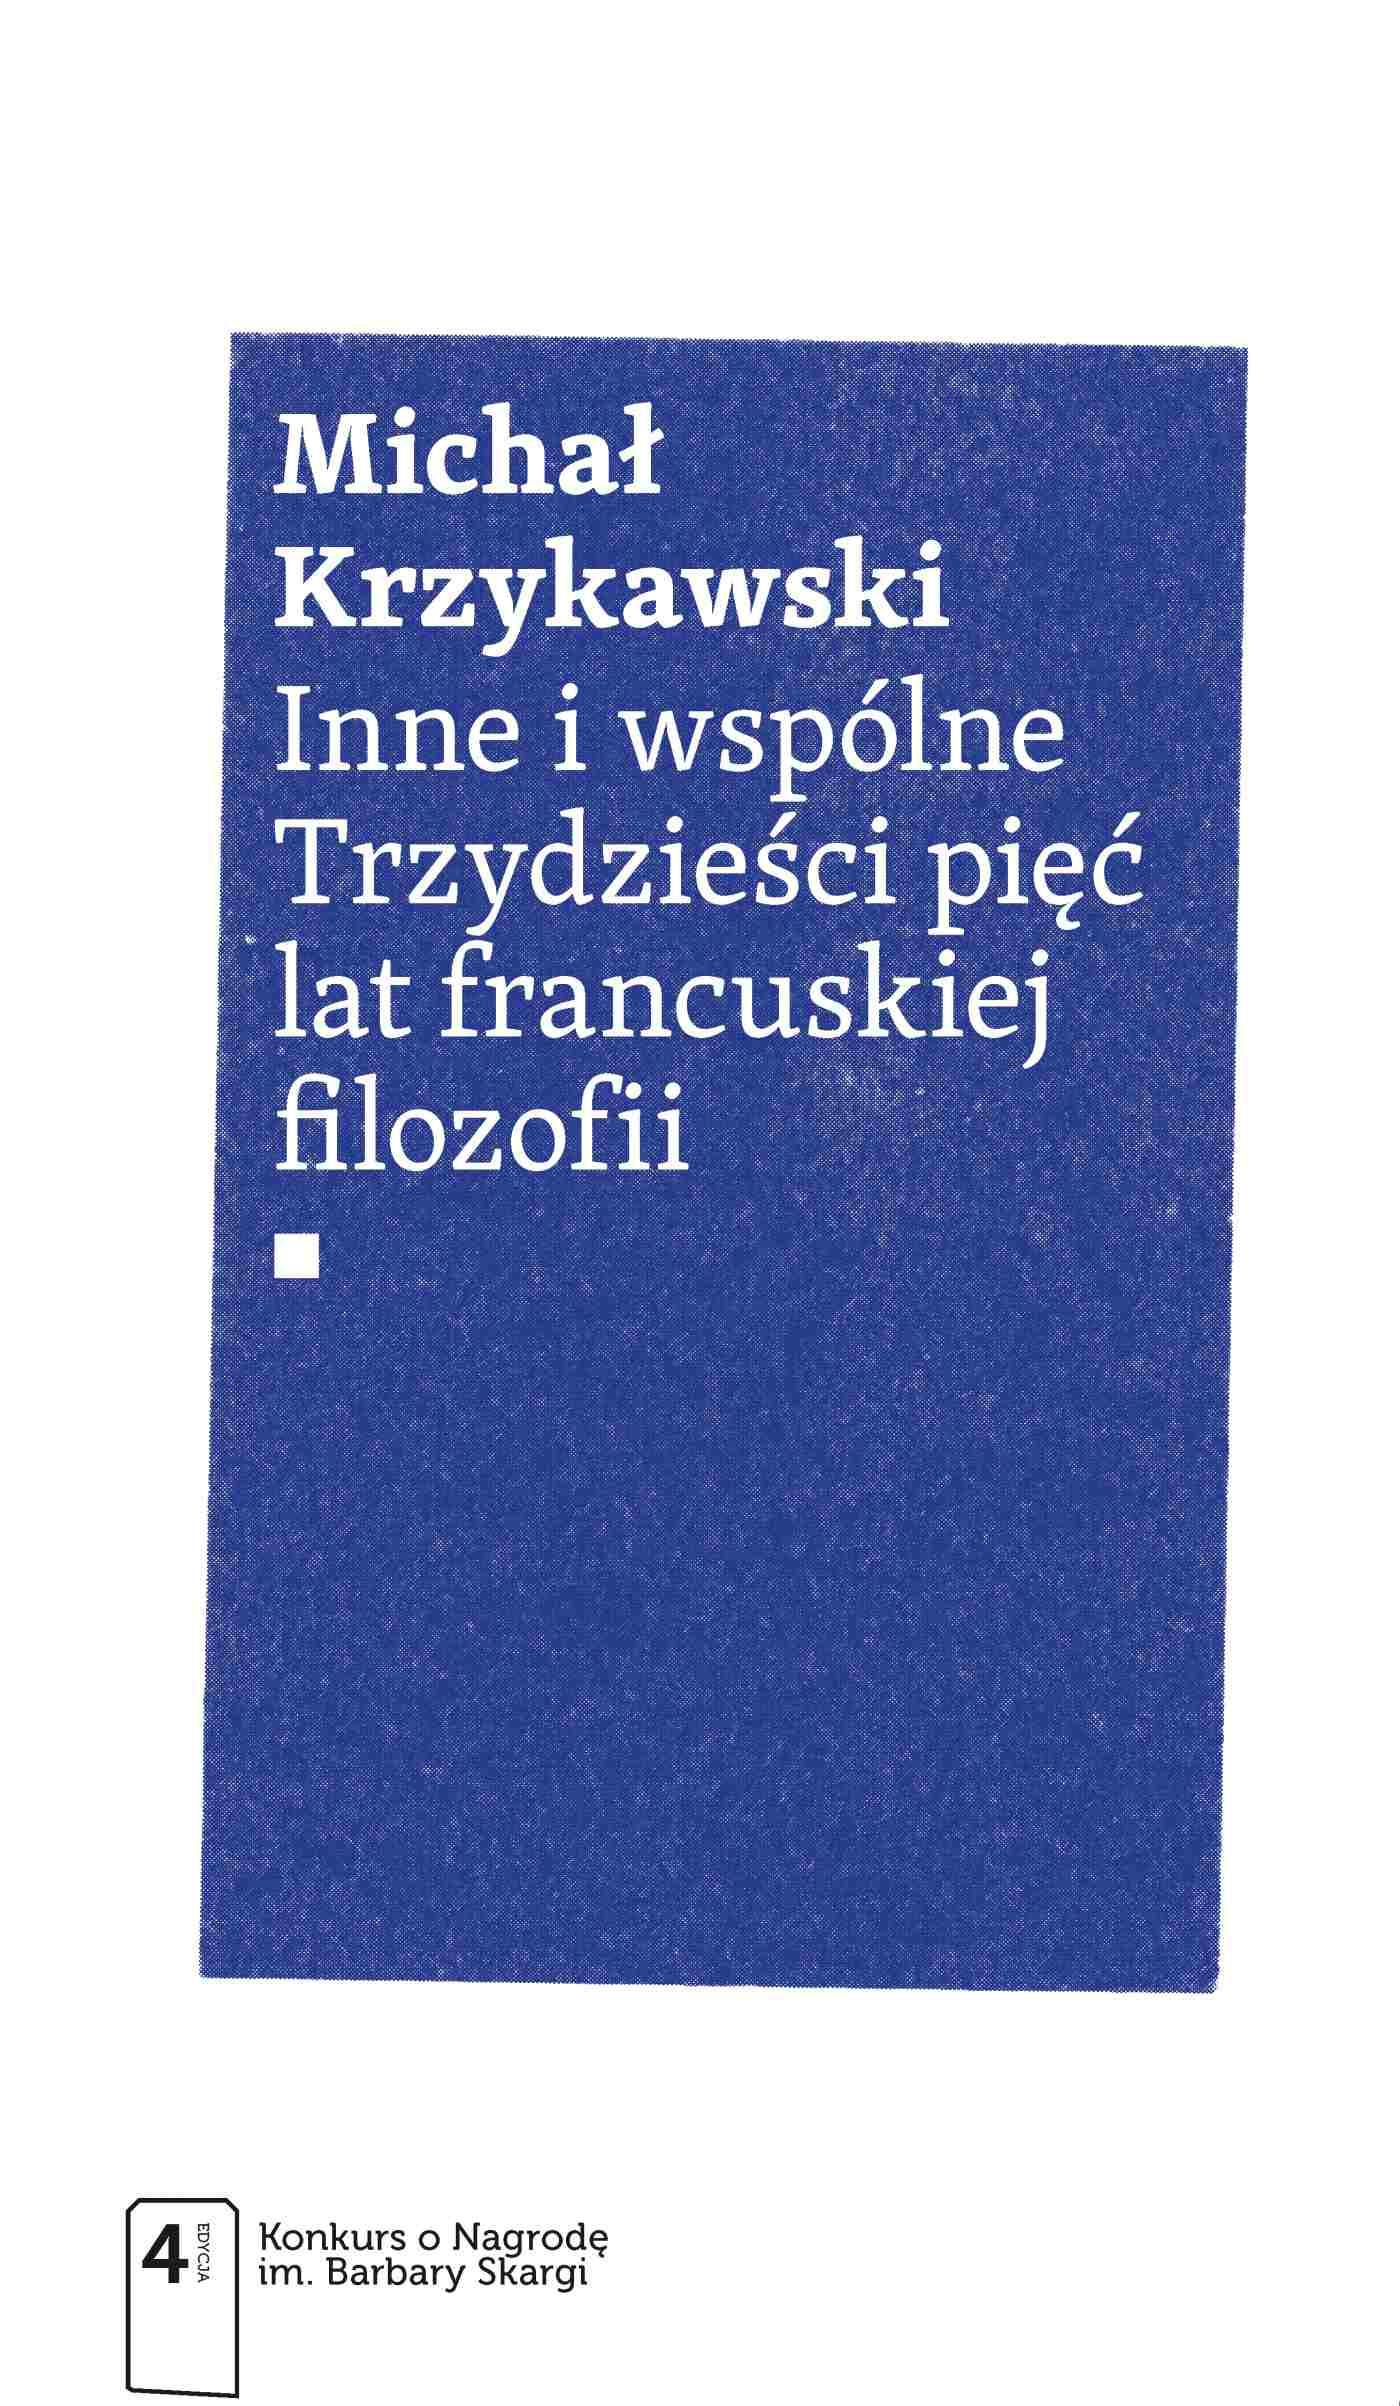 Inne i wspólne. Trzydzieści pięć lat francuskiej filozofii - Ebook (Książka na Kindle) do pobrania w formacie MOBI